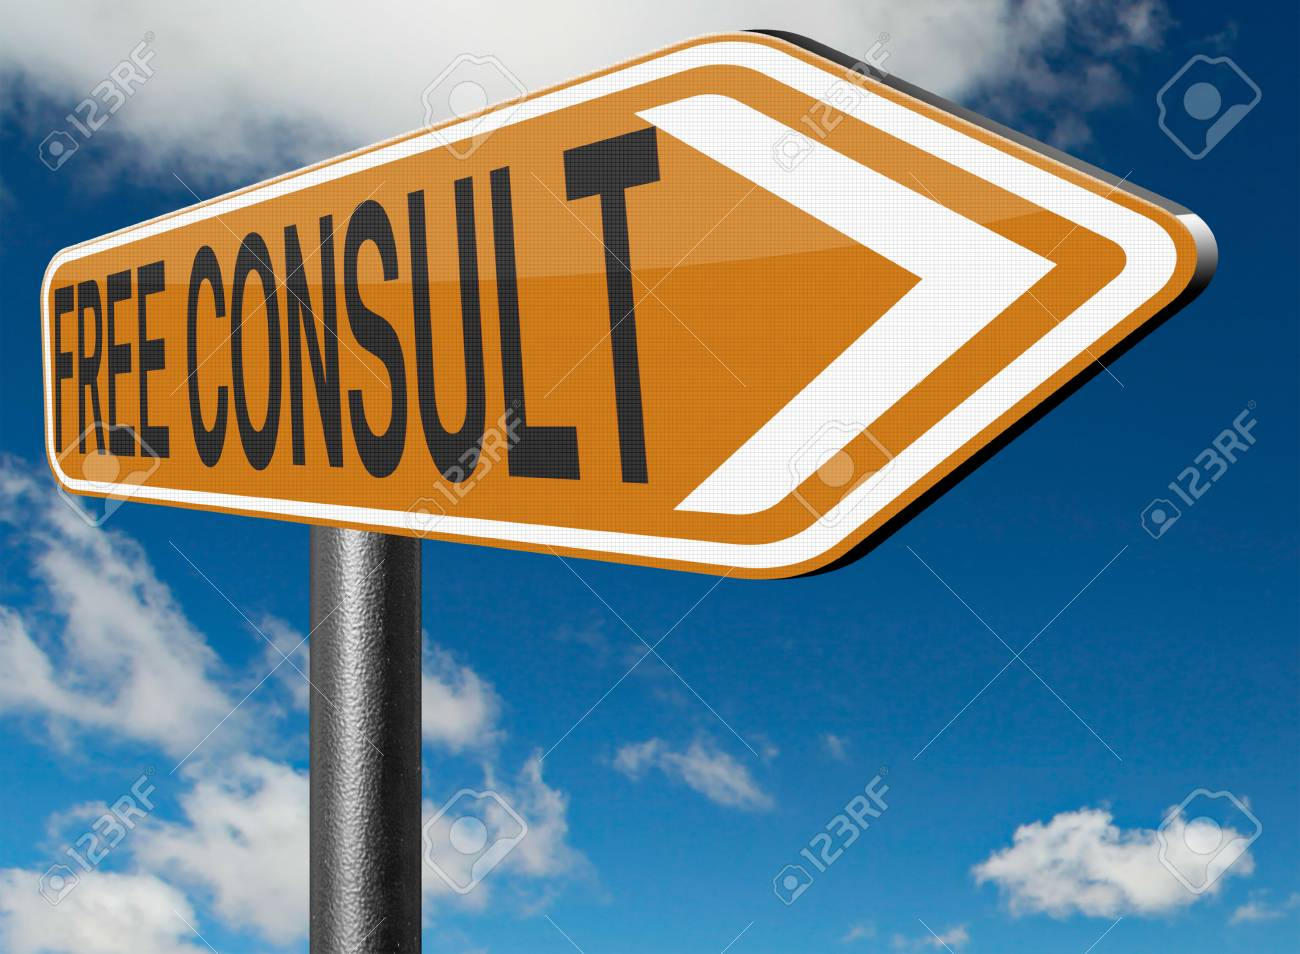 Sans Consulter Panneau Routier Ou Aider Et Bureau D Information Icone Soutien A La Clientele Un Service De Consultation Gratis Optimale Et Des